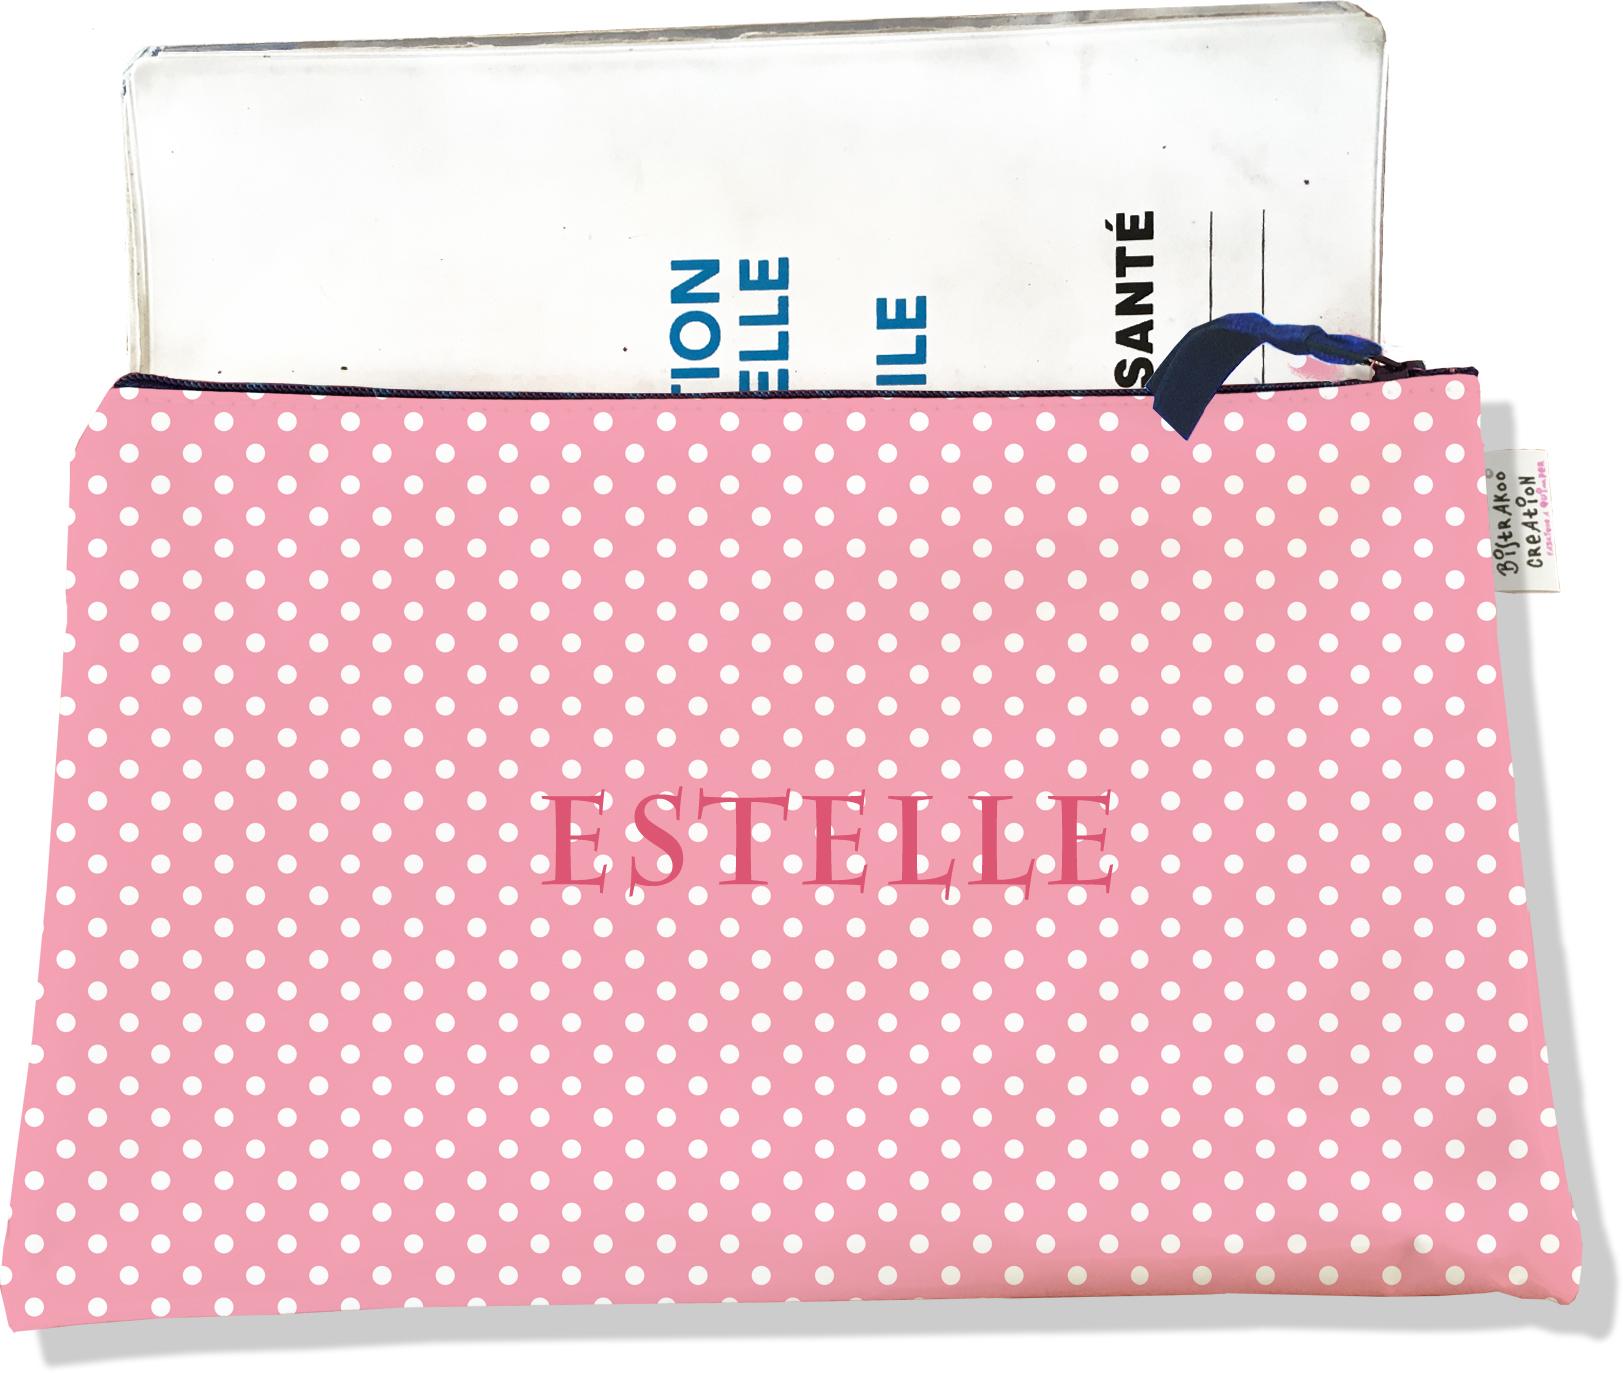 Protège carnet de santé personnalisable zippé pour femme motif pois blanc et rose 2060-2015